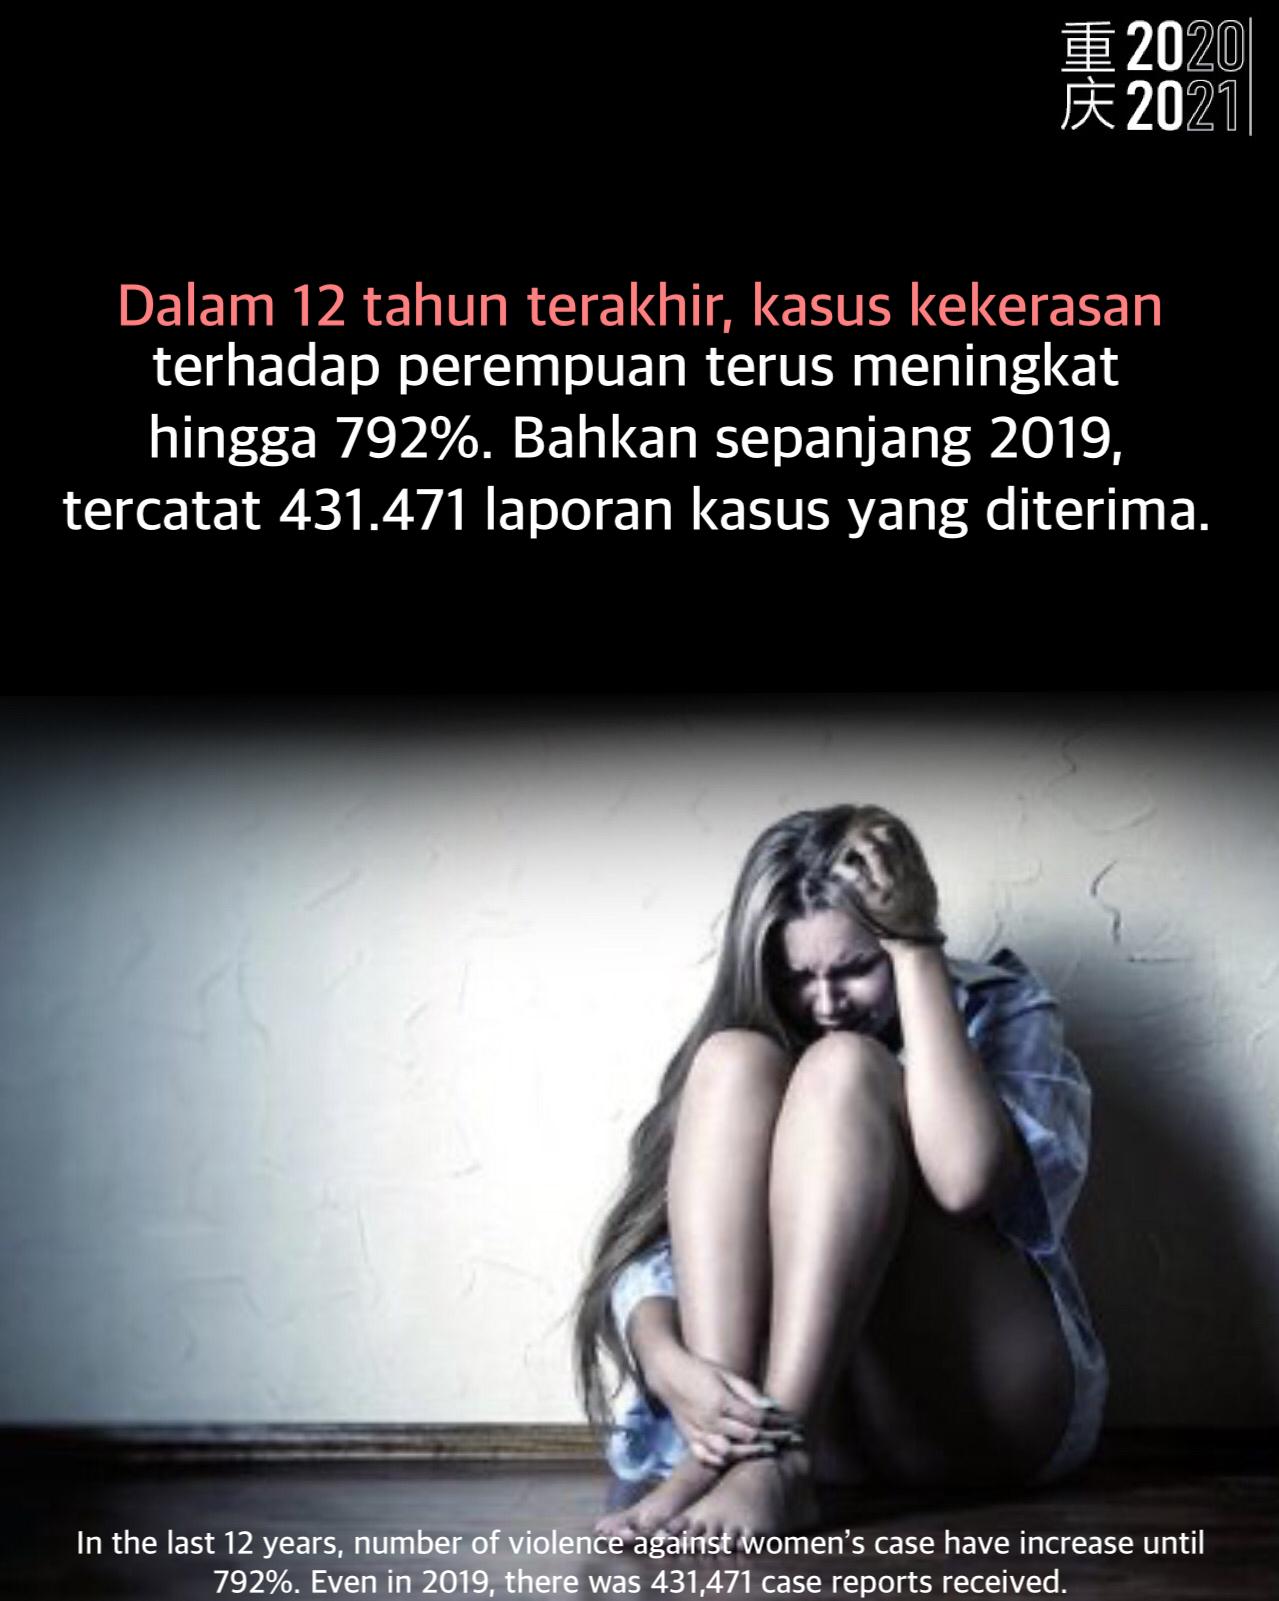 41607396231_.pic_hd